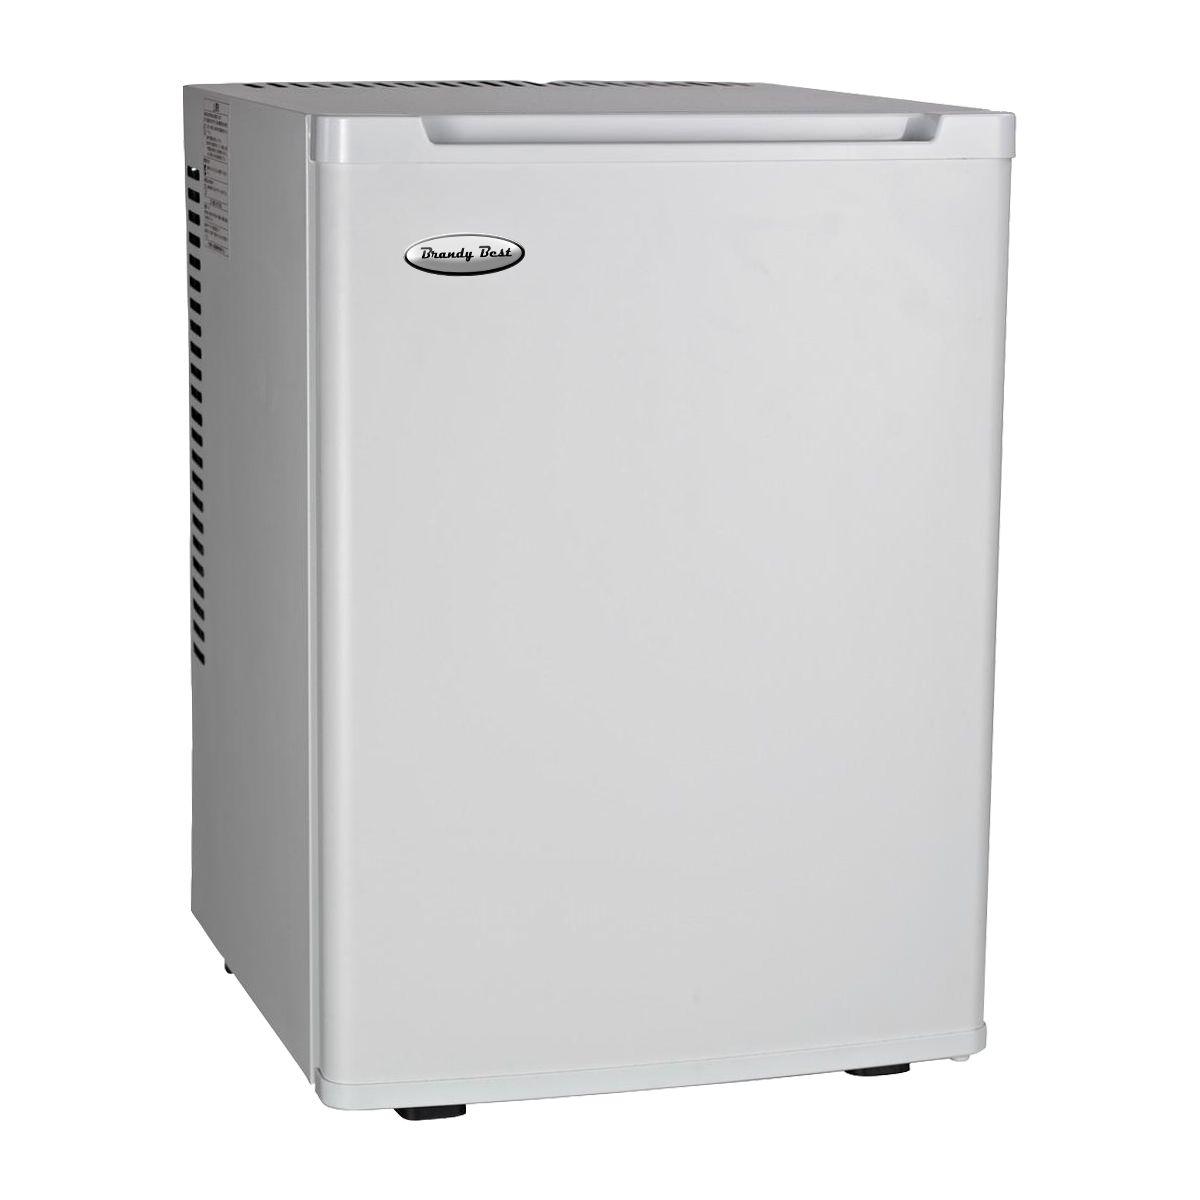 Mini réfrigérateur BRANDY BEST SILENT400W